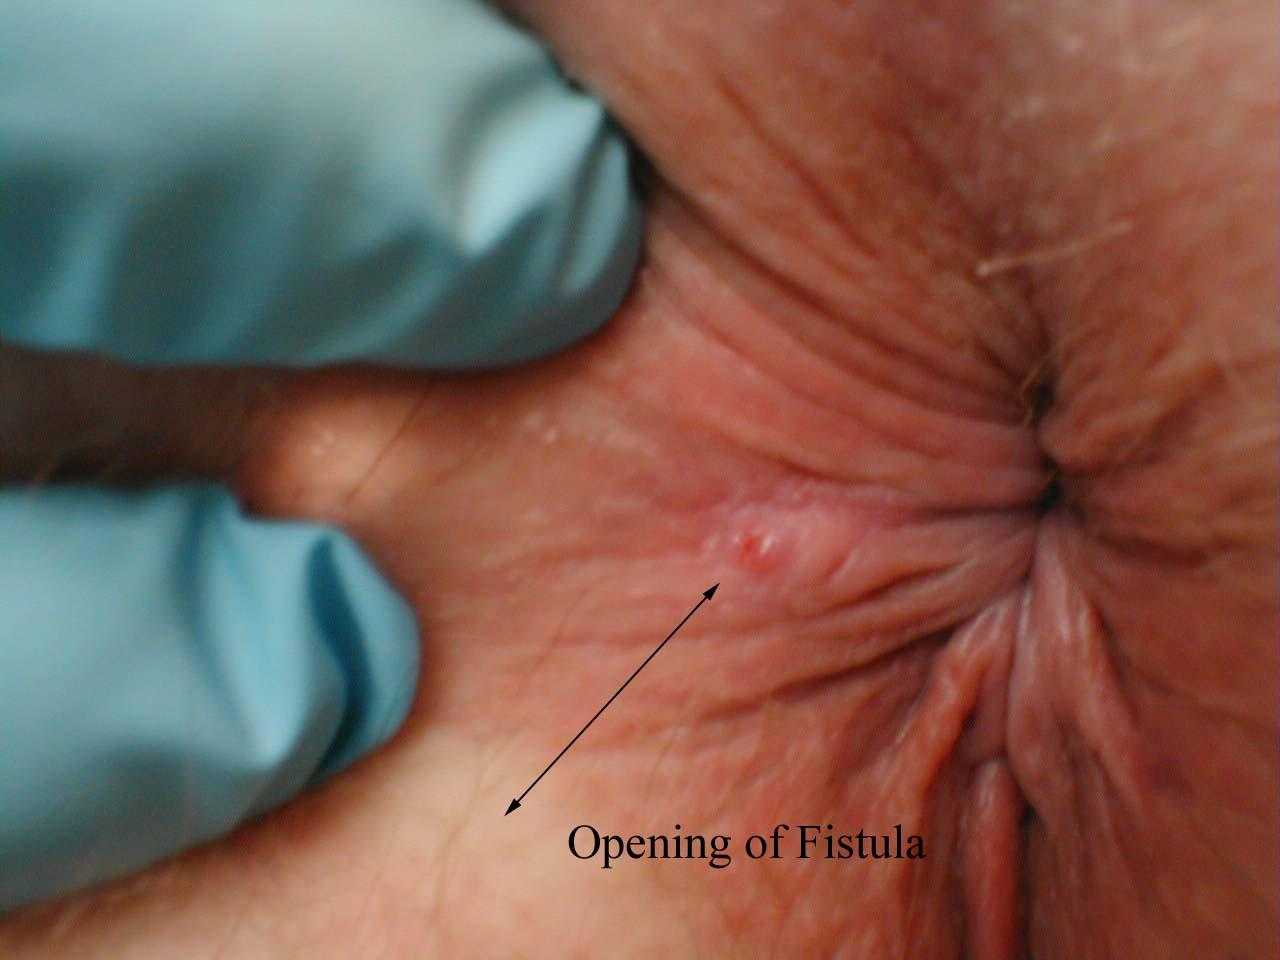 Anal fistula treatment randwick nsw